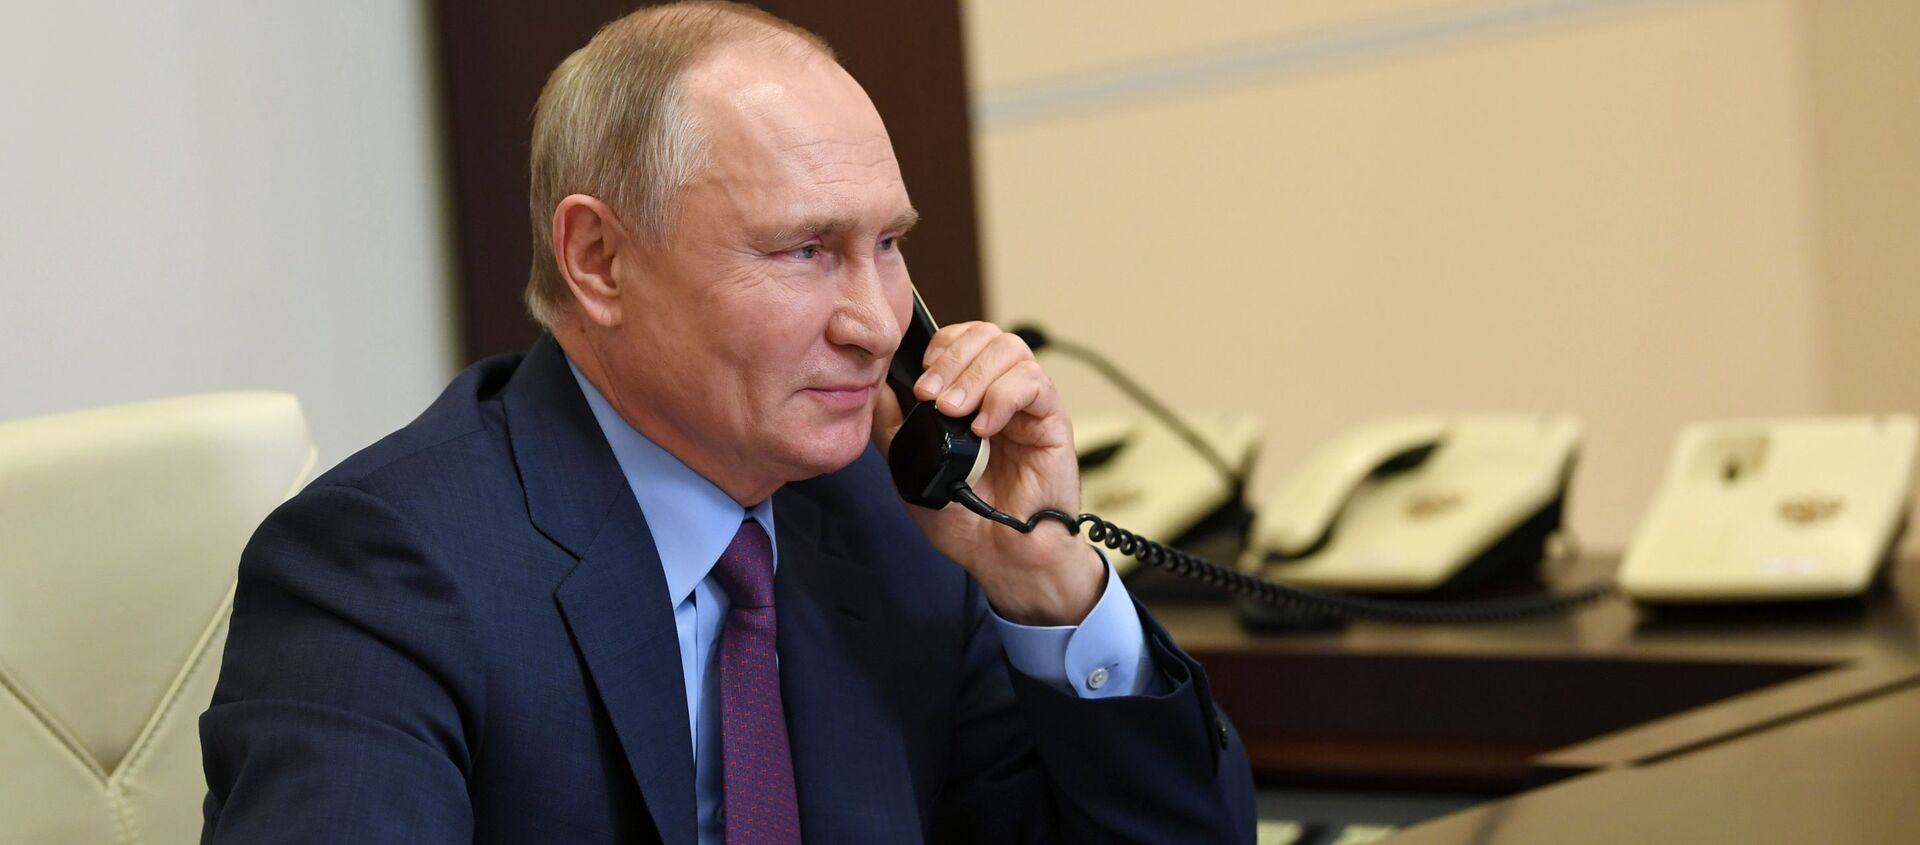 Президент России Владимир Путин, архивное фото - Sputnik Грузия, 1920, 13.04.2021